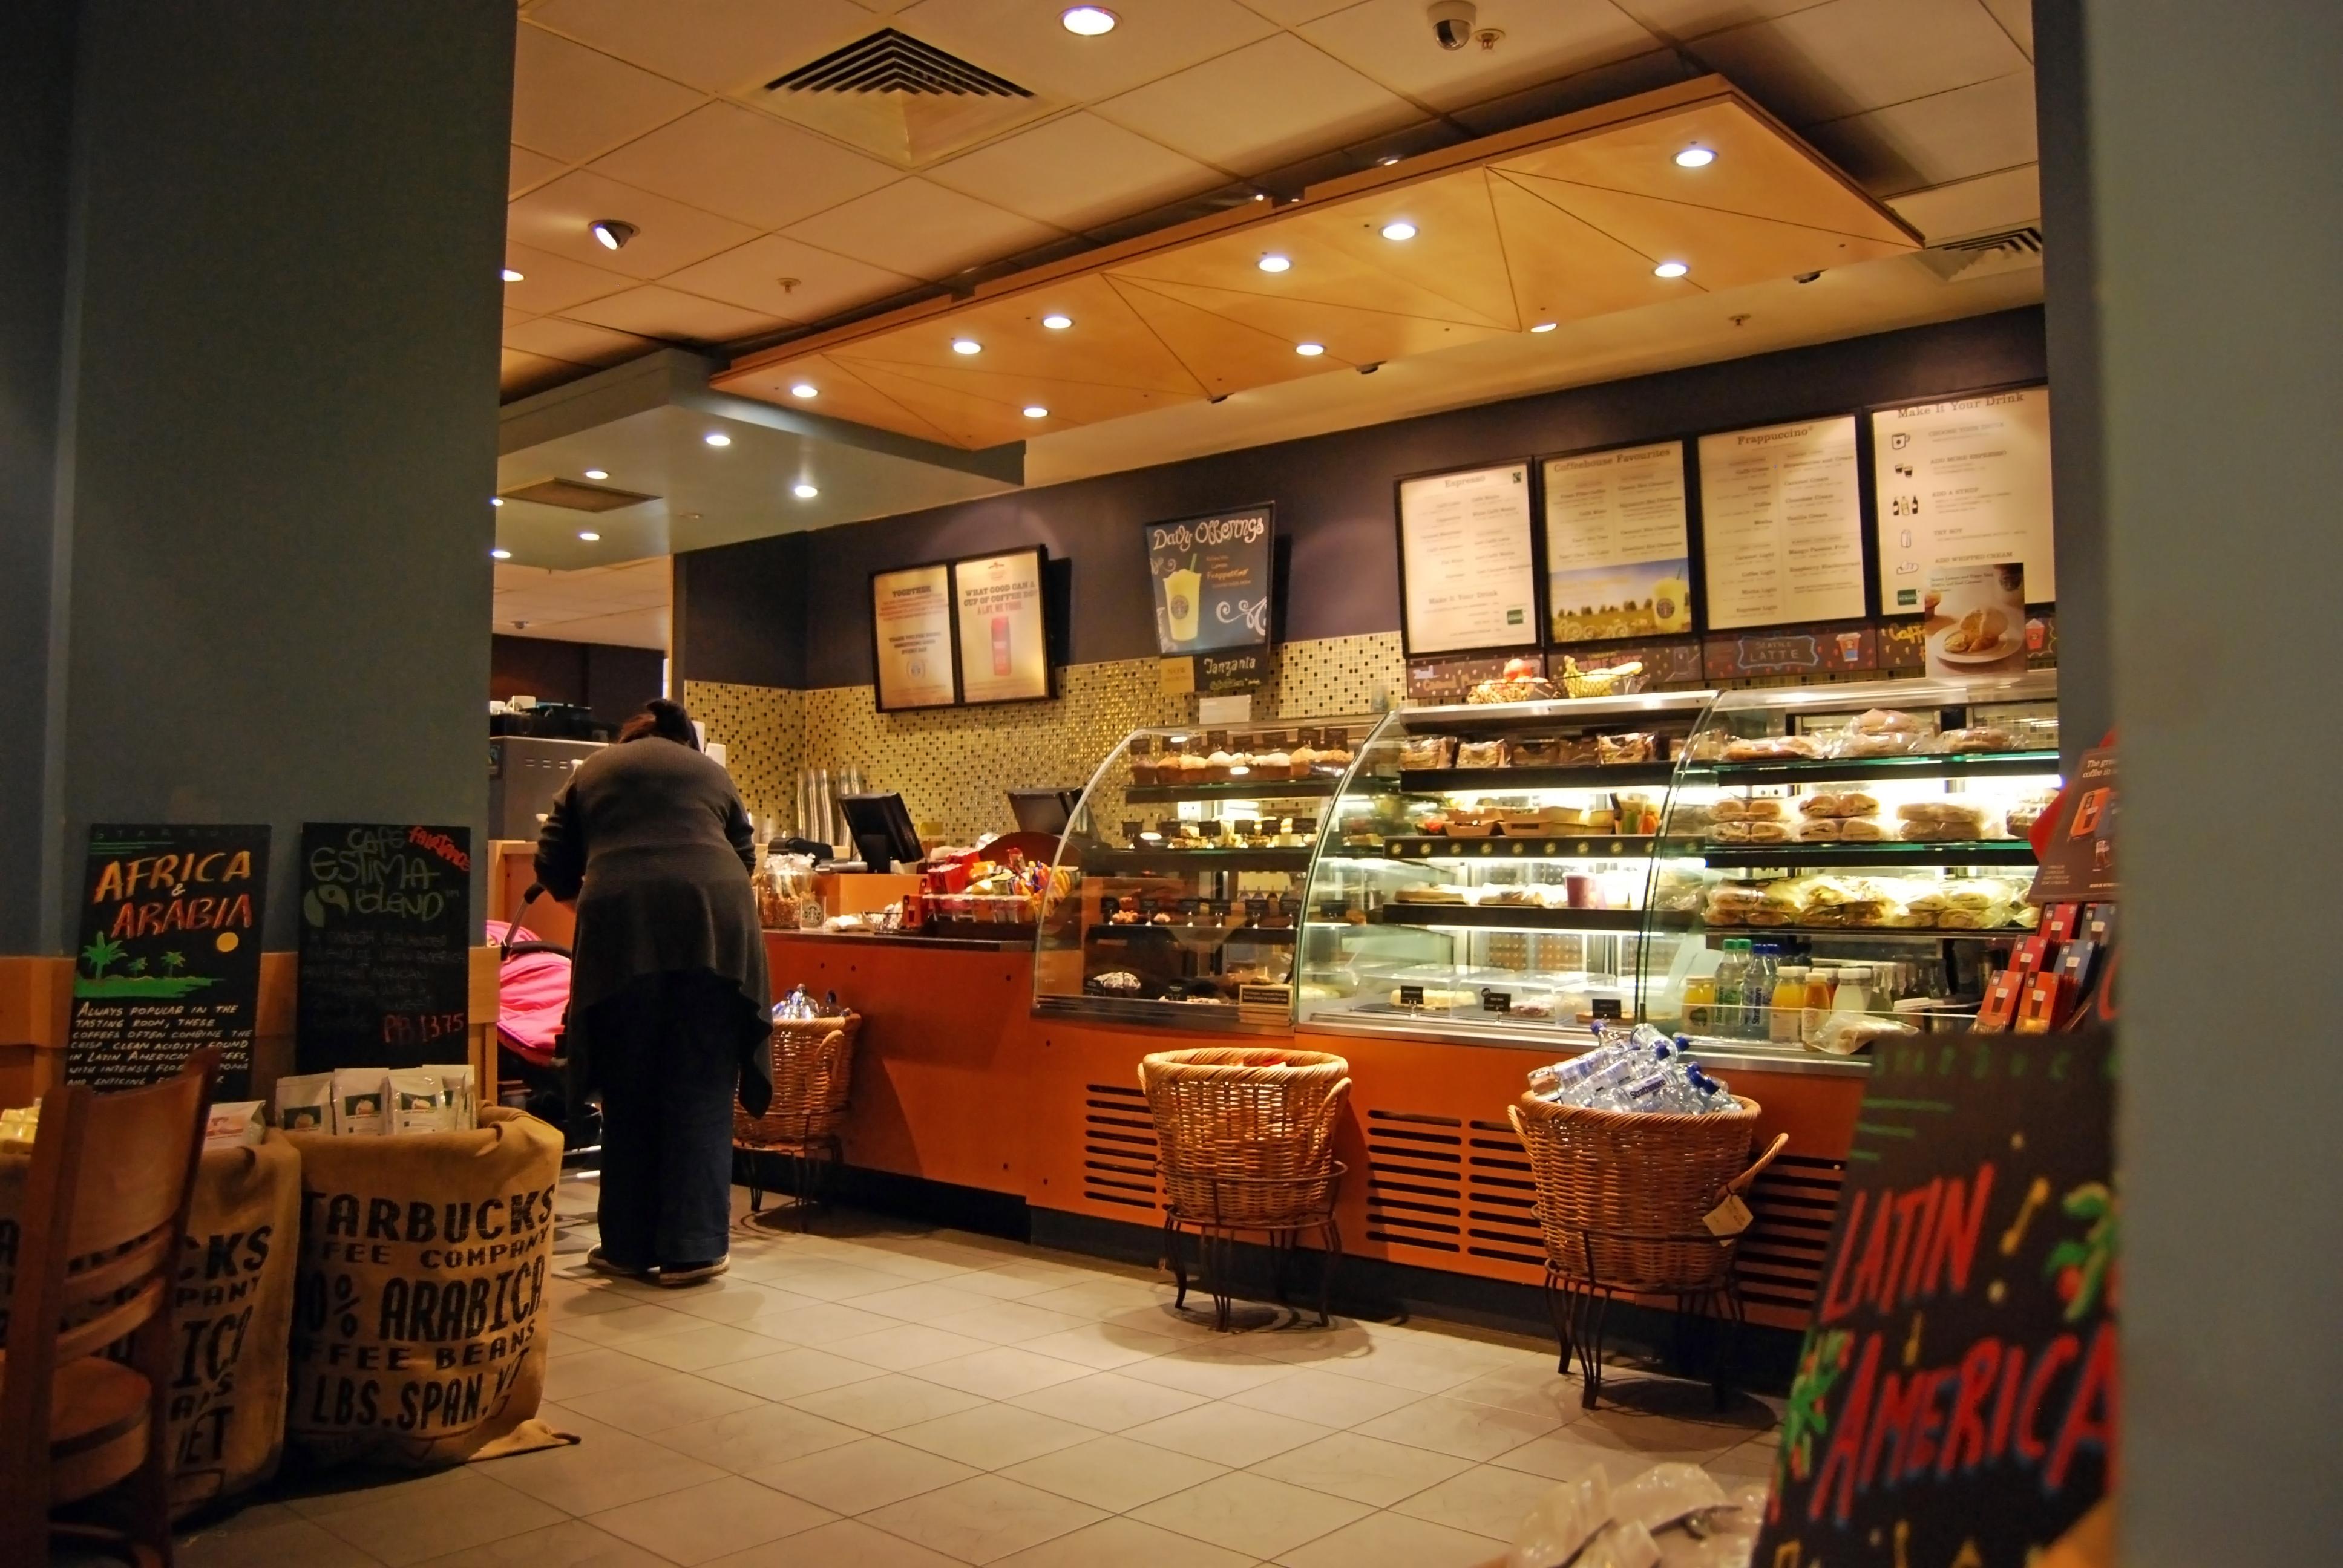 「カフェではない。スタバという空間」:日本進出を成功に導いた「新しいカフェ」というブランディング 3番目の画像